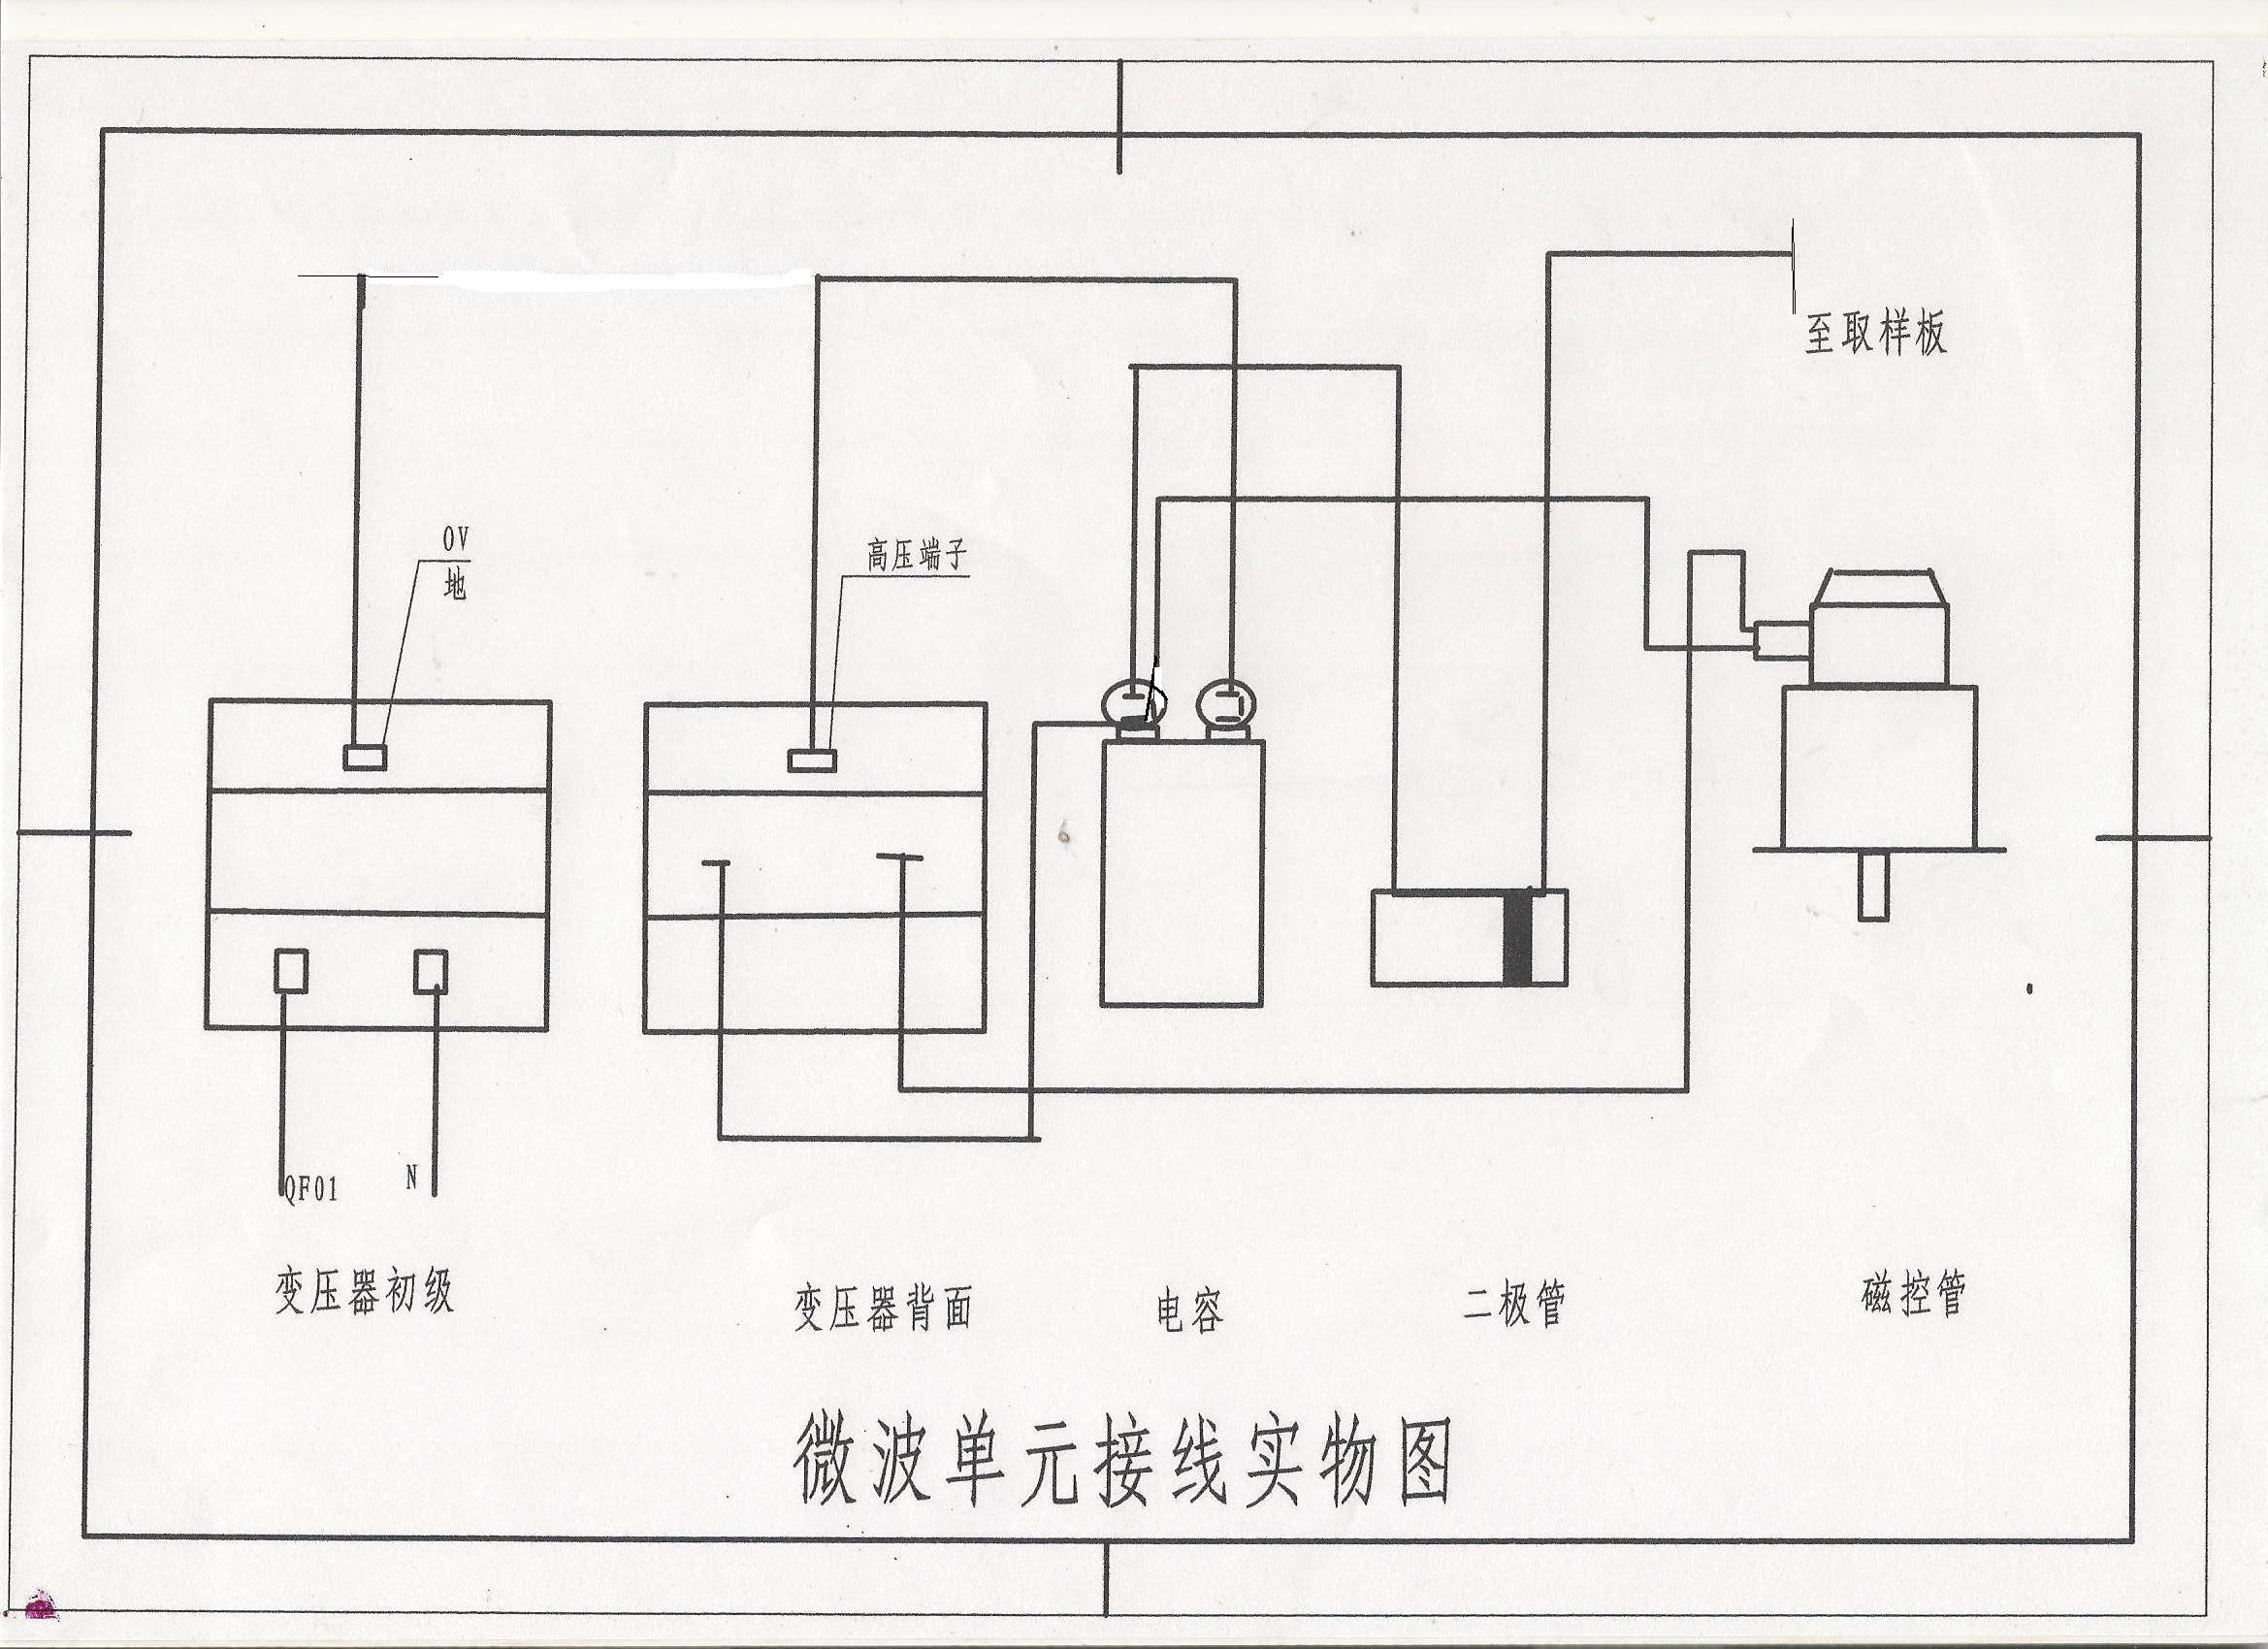 微波炉磁控管接线图